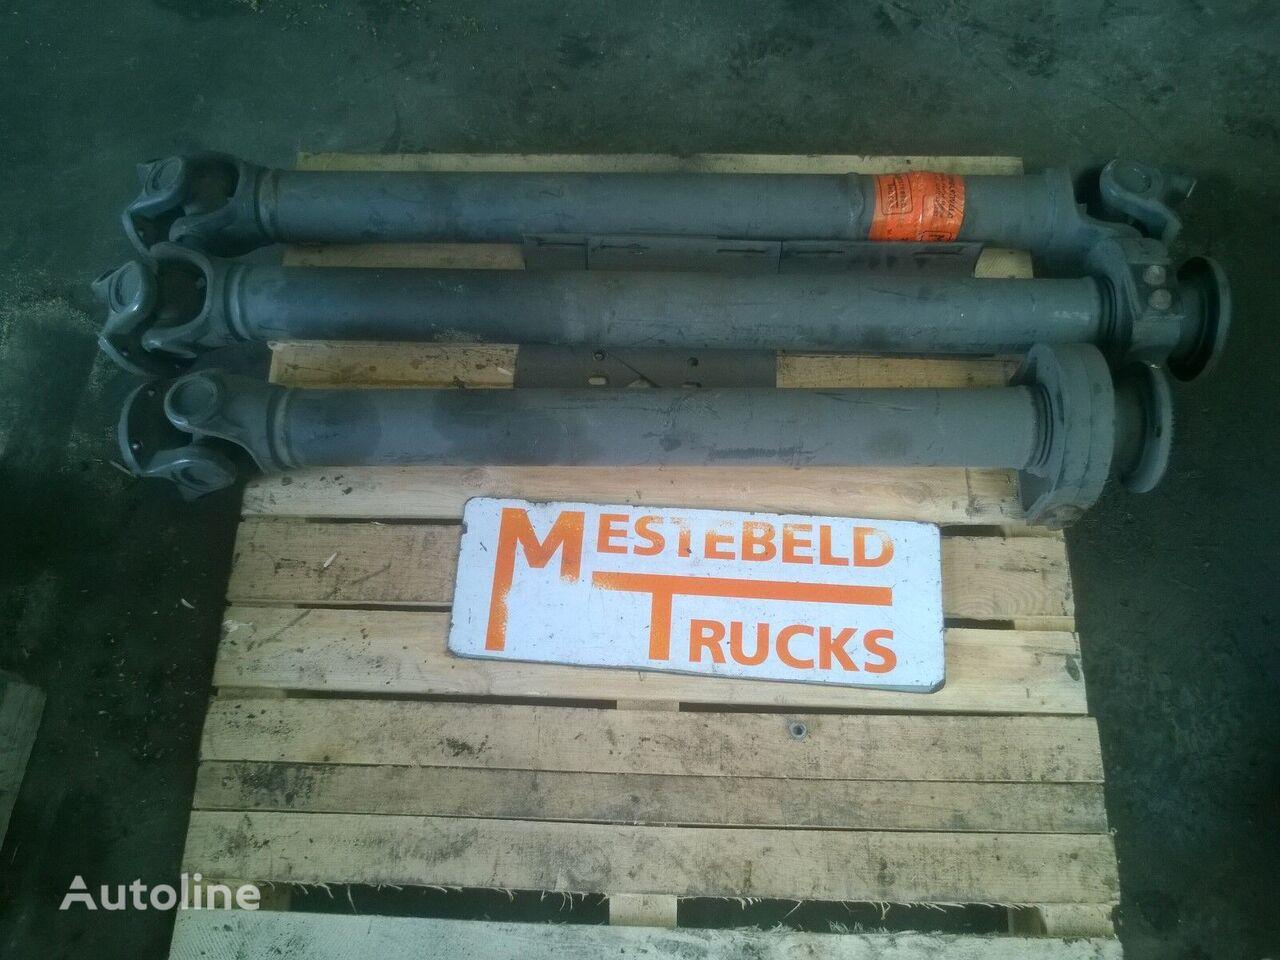 MERCEDES-BENZ Aandrijfas samenstelling drive shaft for MERCEDES-BENZ Aandrijfas samenstelling truck